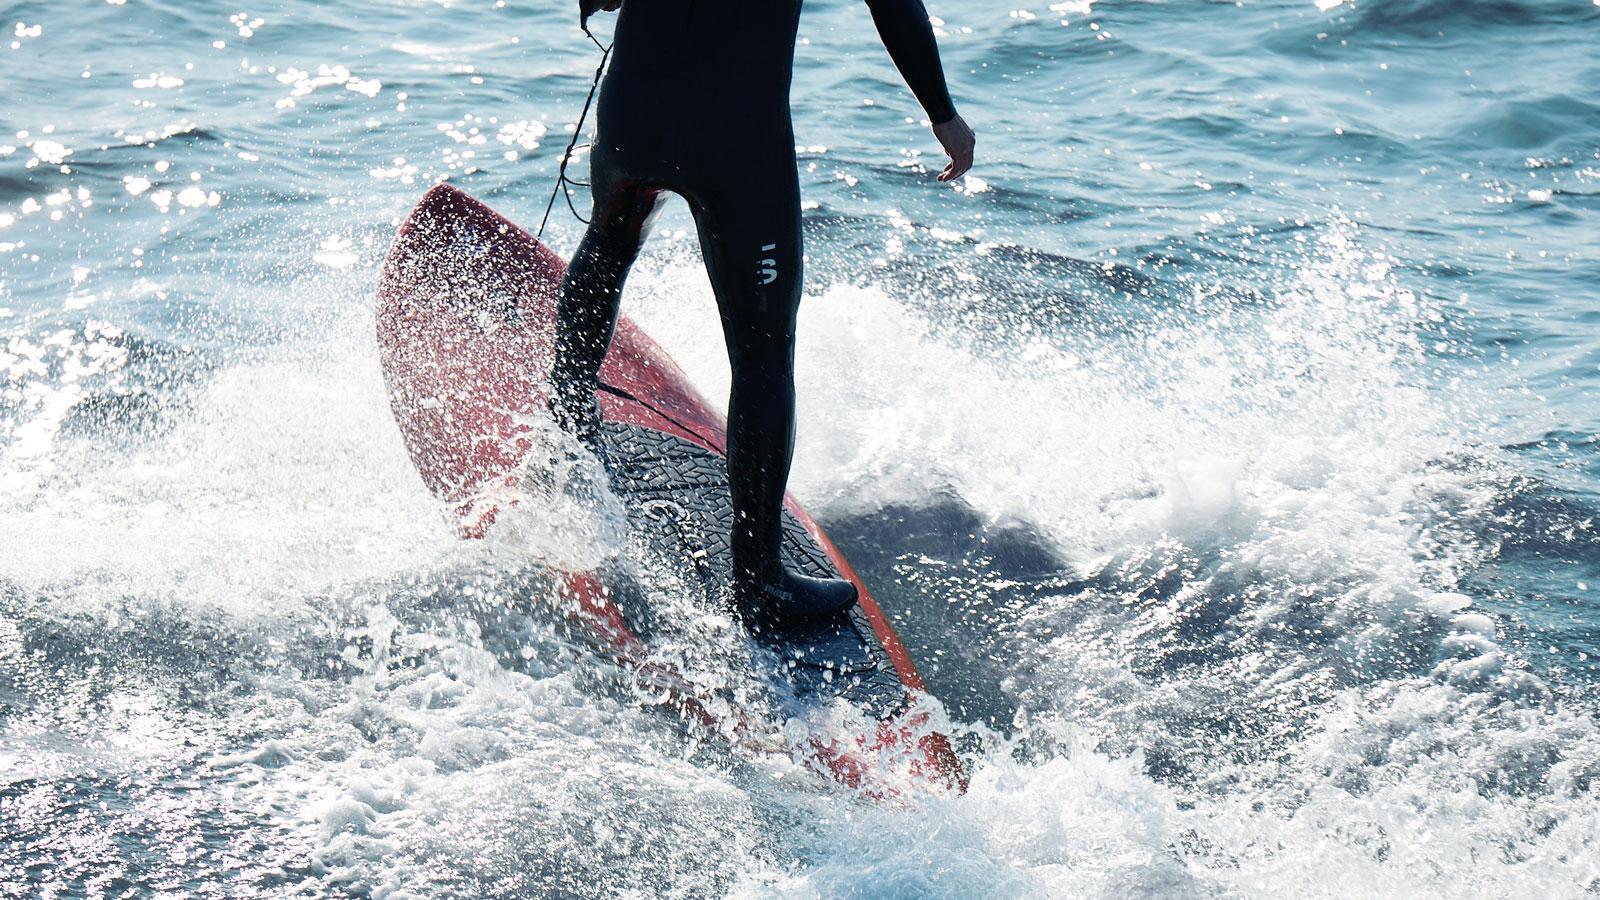 Ein Bild, das Wasser, draußen, surfend, Wassersport enthält.  Automatisch generierte Beschreibung